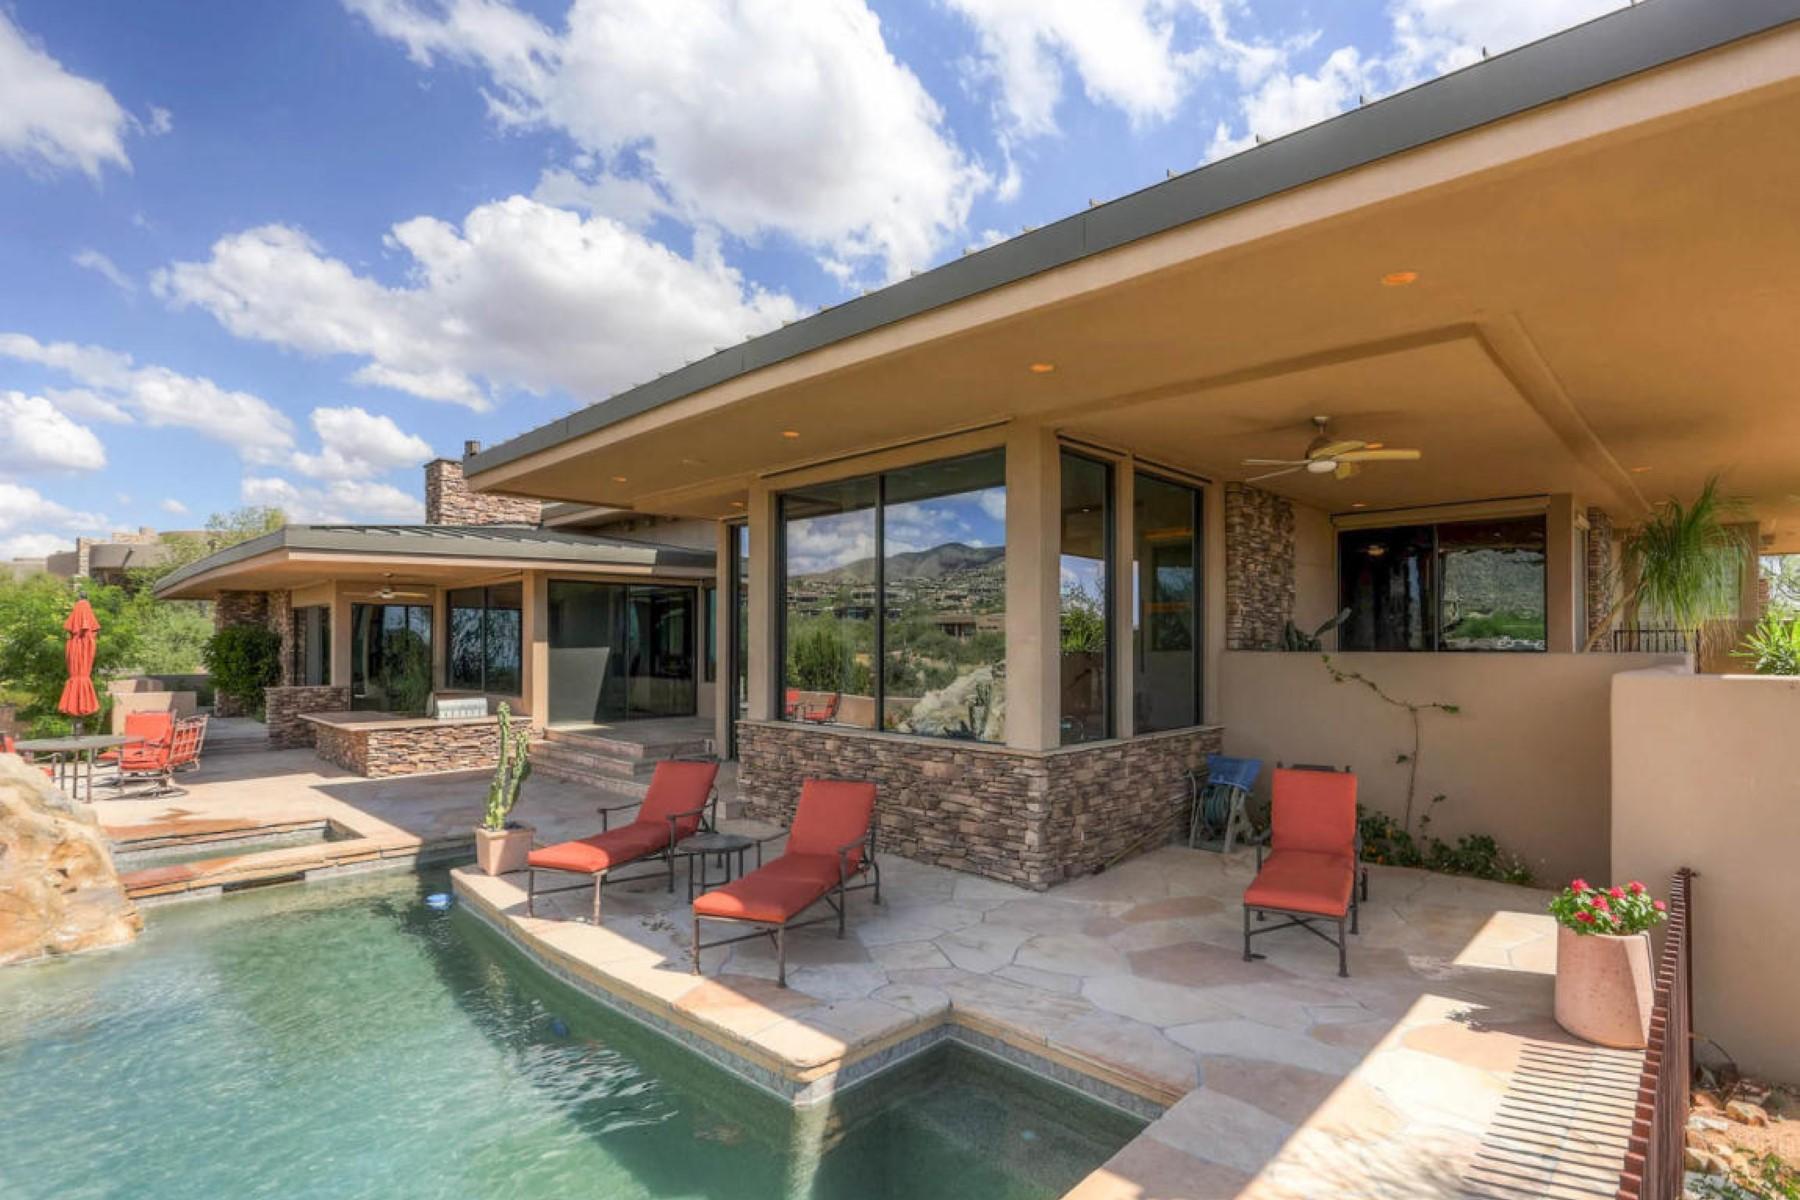 단독 가정 주택 용 매매 에 Impeccably maintained home in Desert Mountain 11212 E Mesquite Dr Scottsdale, 아리조나, 85262 미국